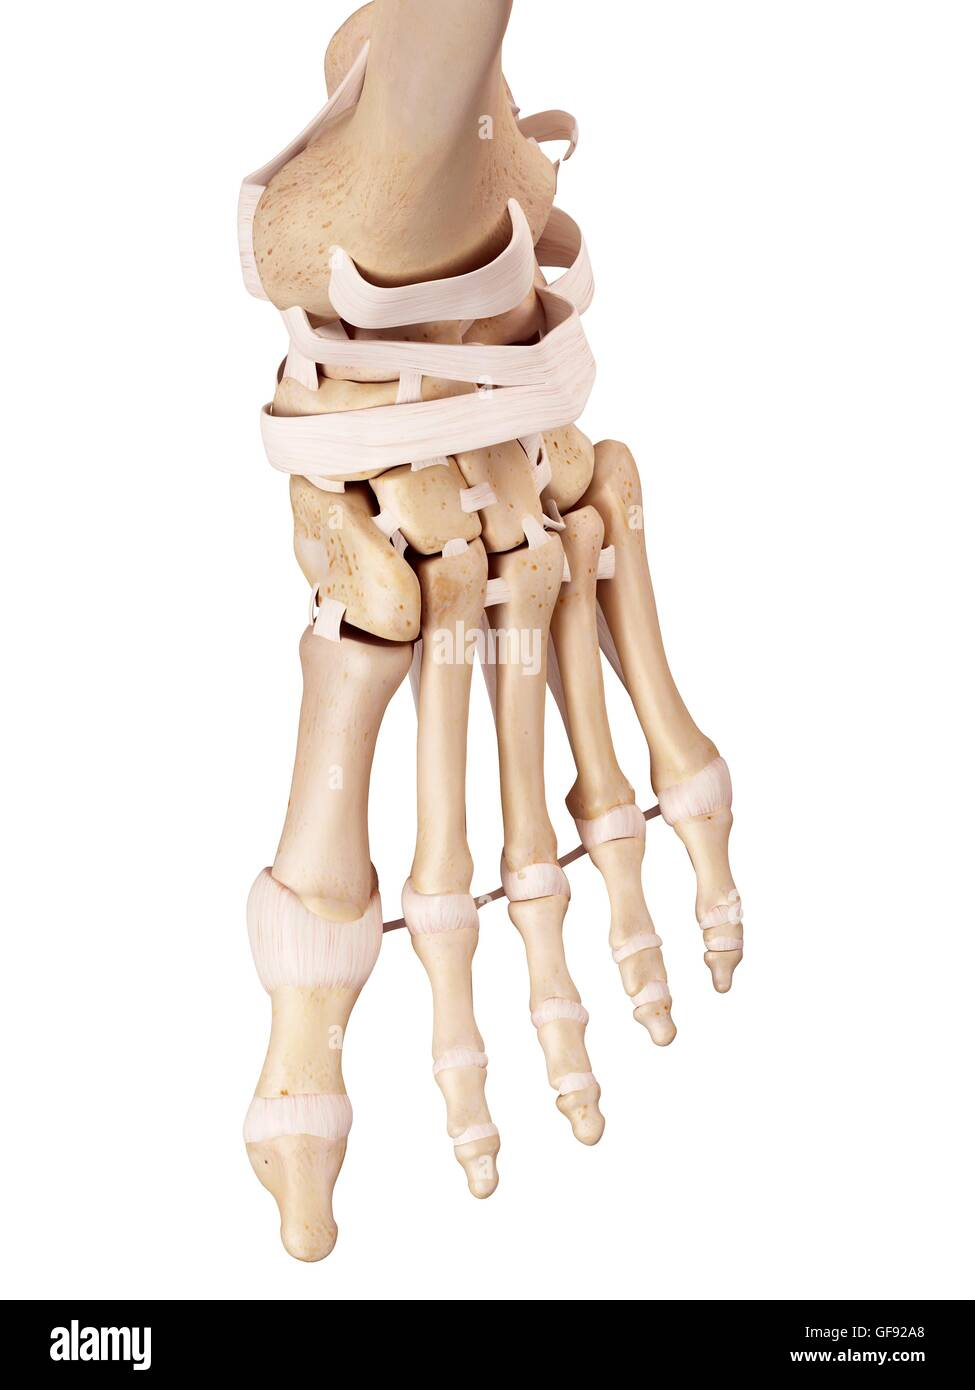 Los ligamentos del pie humano, ilustración Foto & Imagen De Stock ...